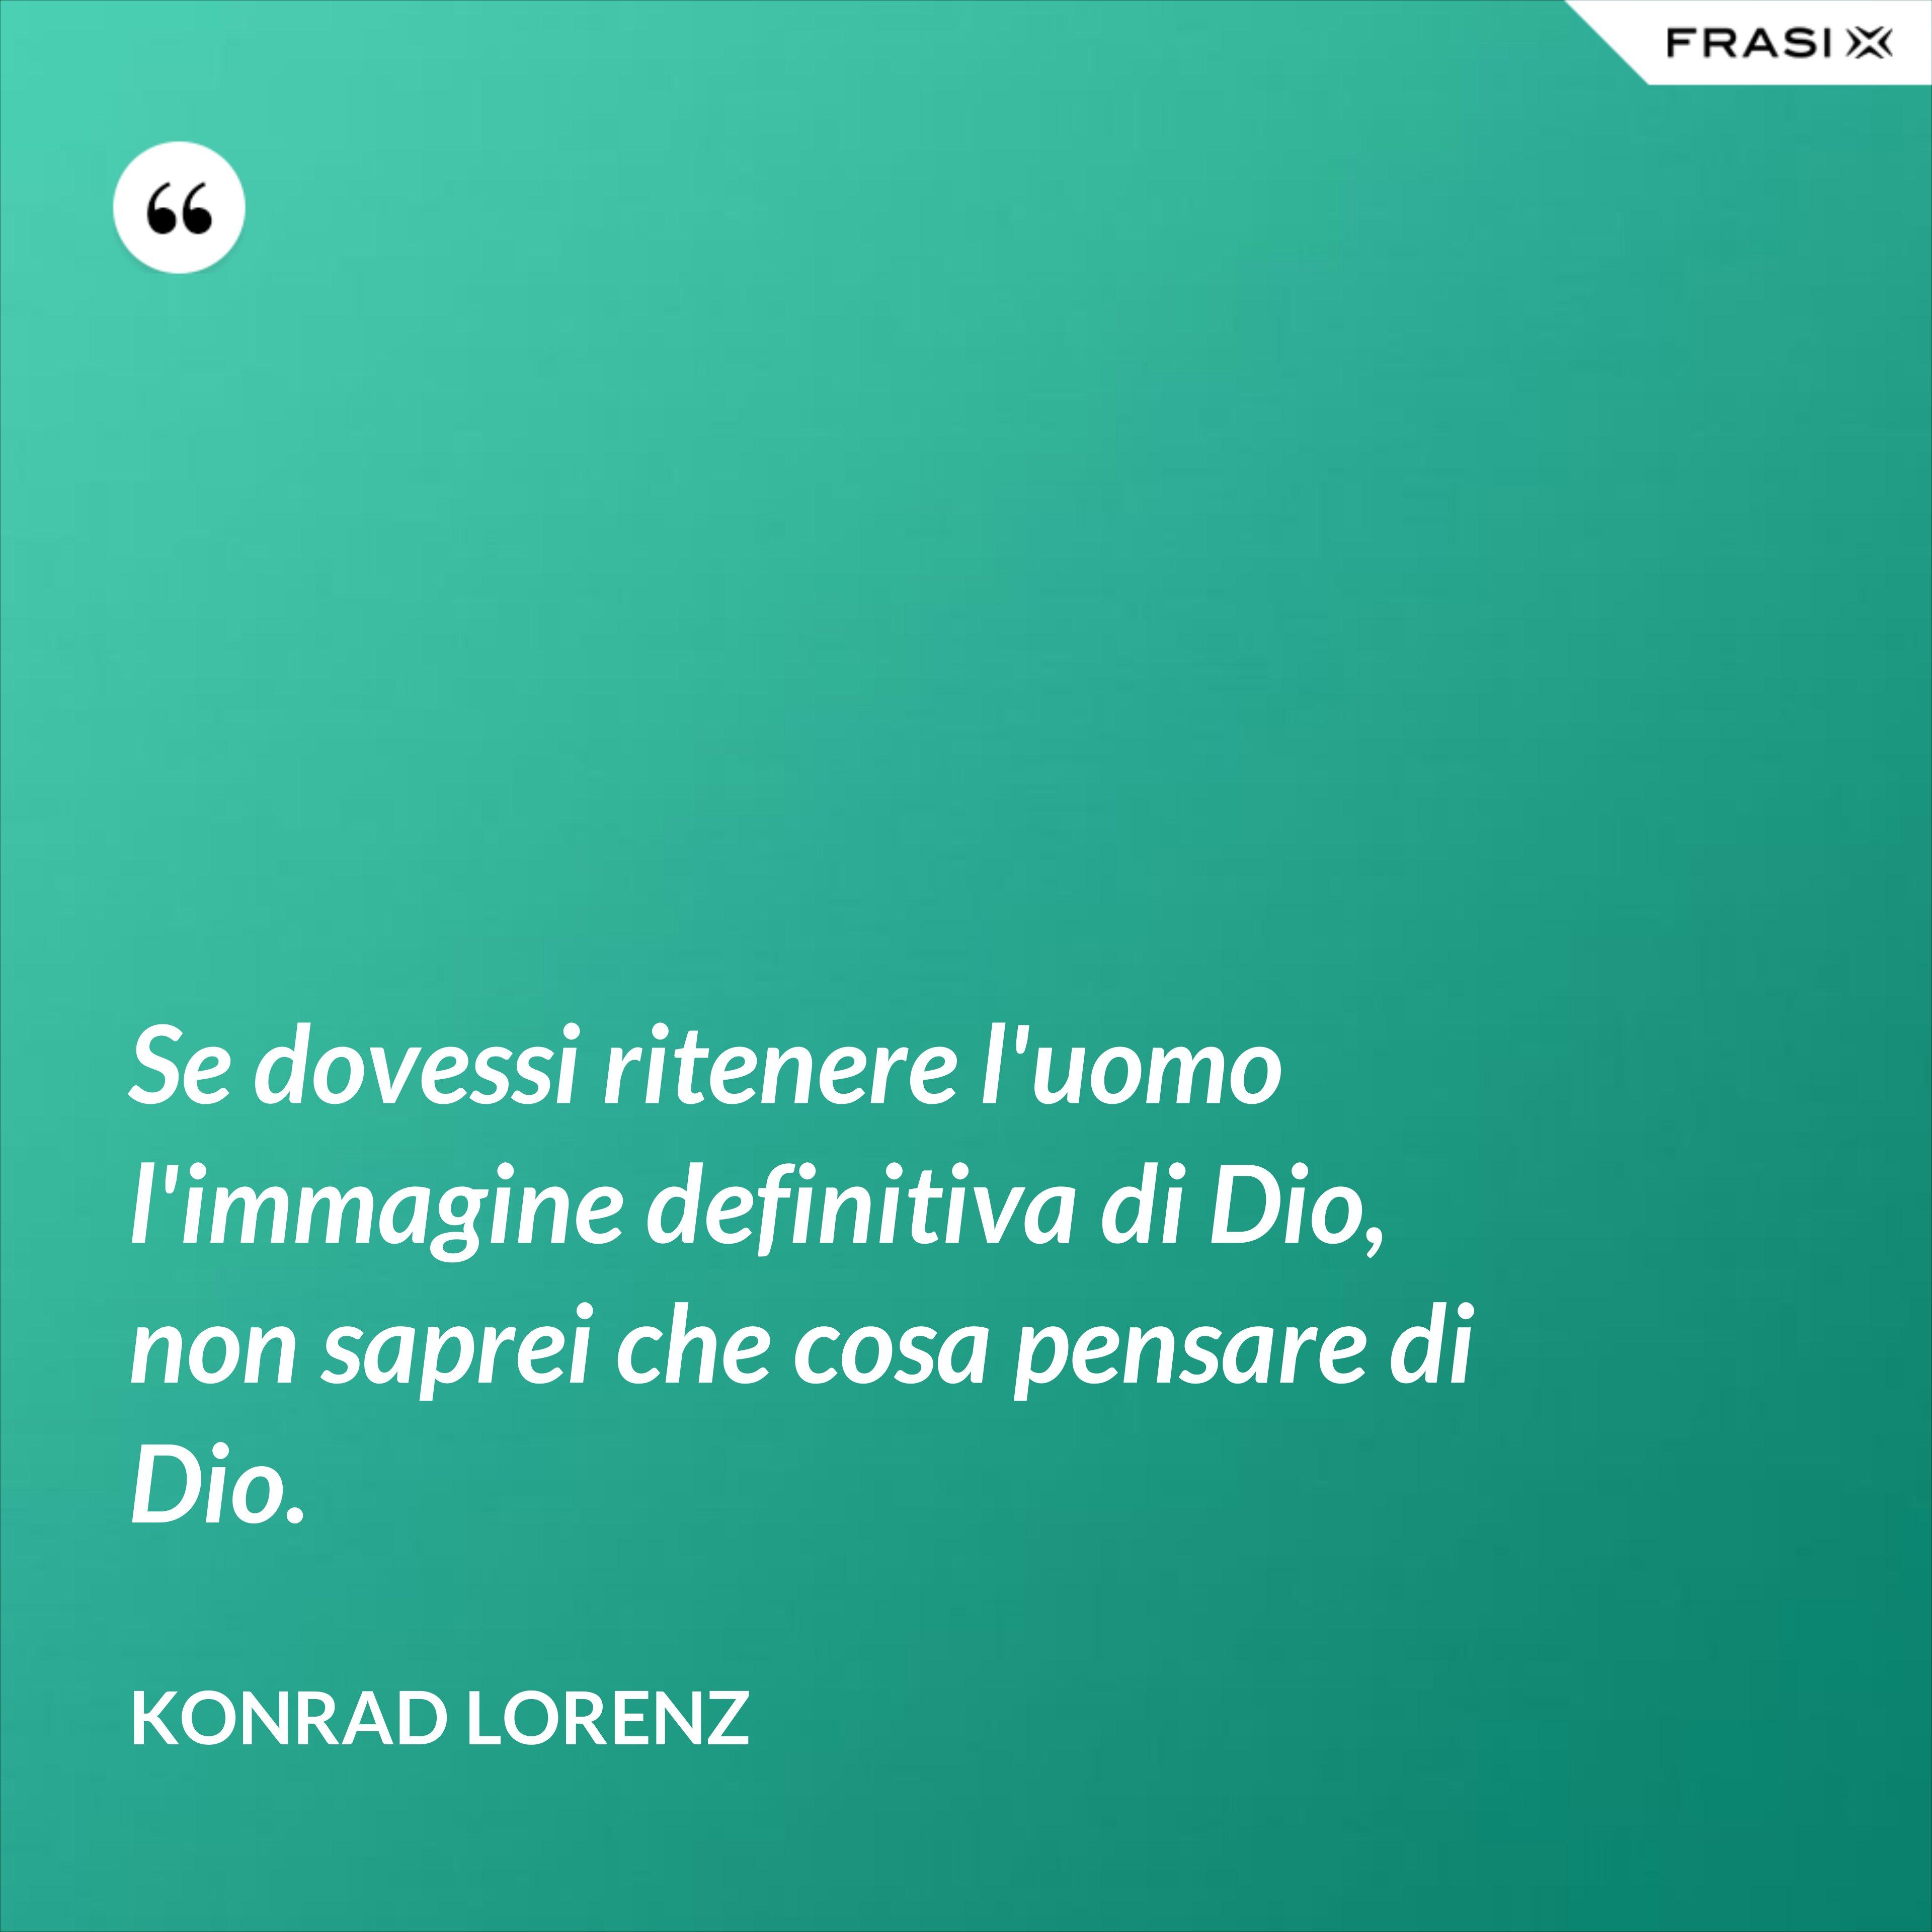 Se dovessi ritenere l'uomo l'immagine definitiva di Dio, non saprei che cosa pensare di Dio. - Konrad Lorenz